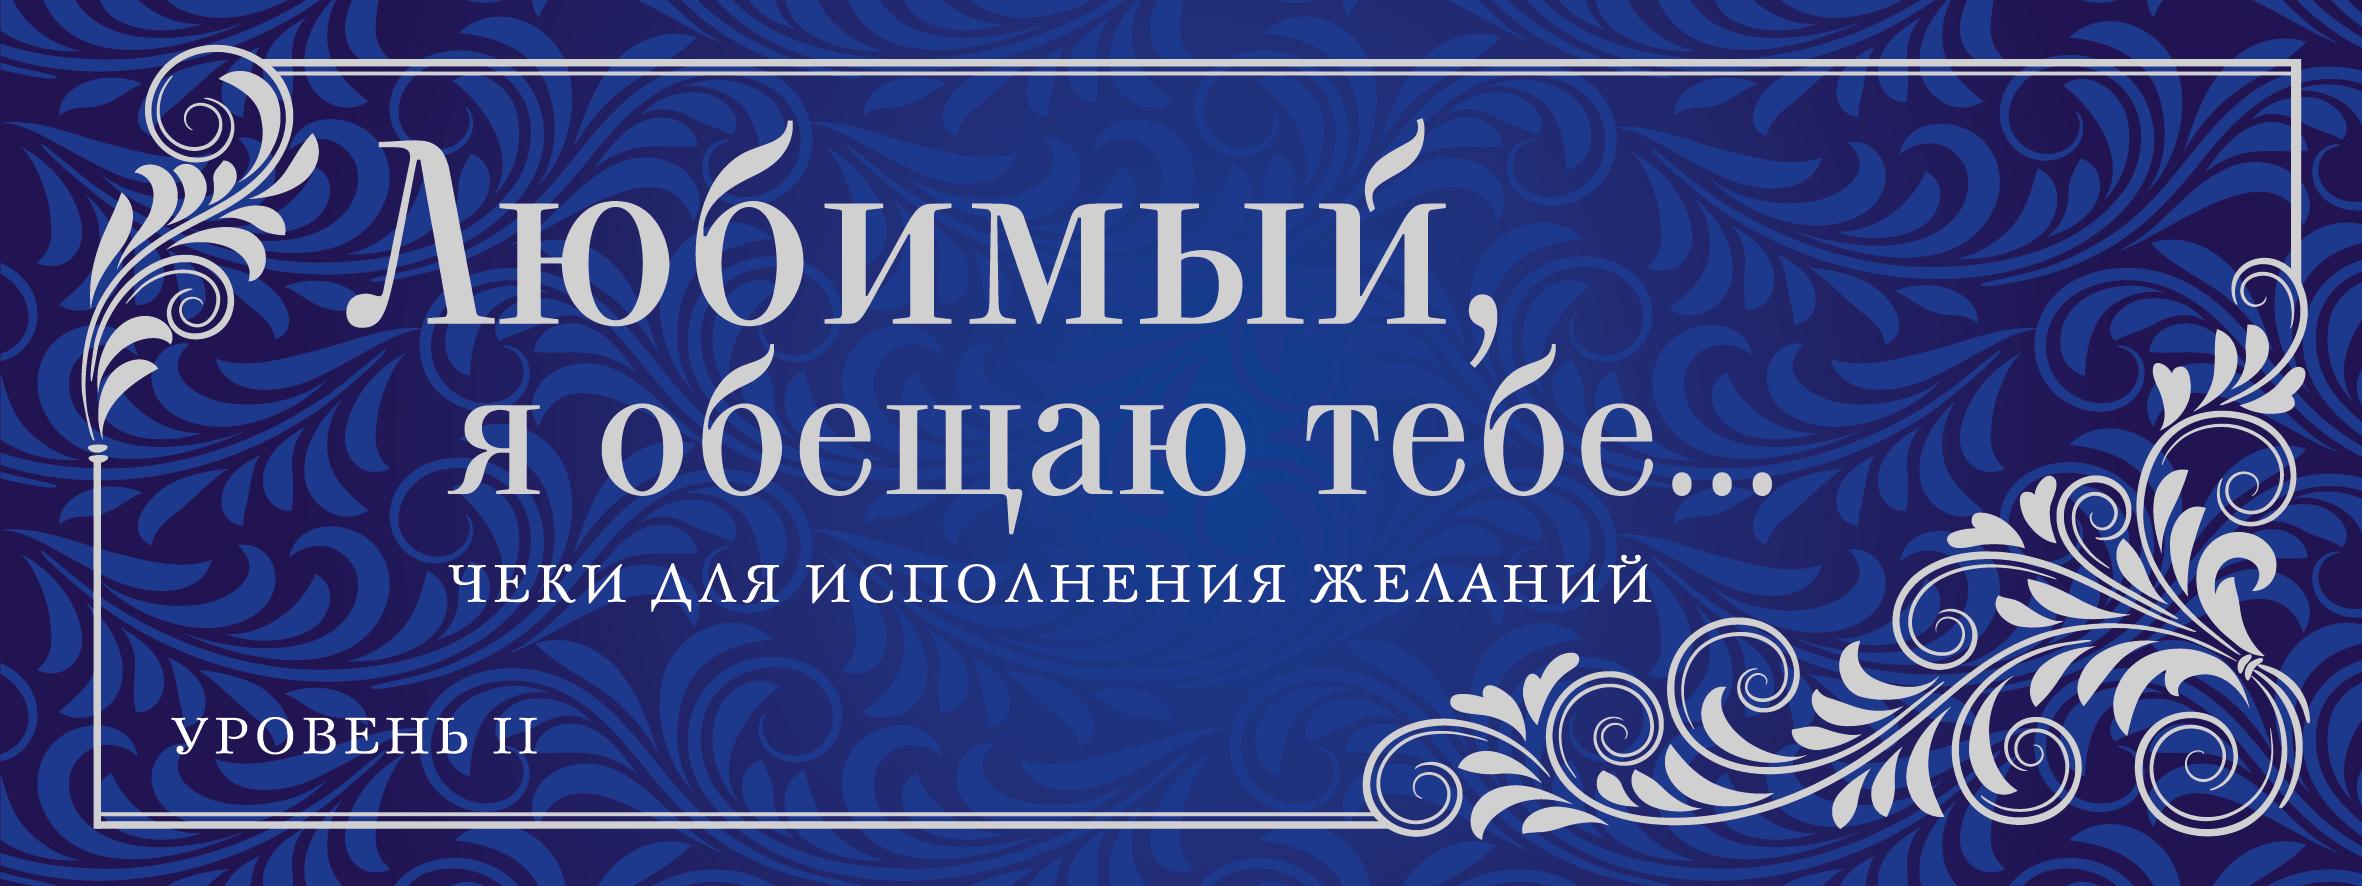 Любимый, я обещаю тебе... Уровень 2. Чеки для исполнения желаний (новое оформление)